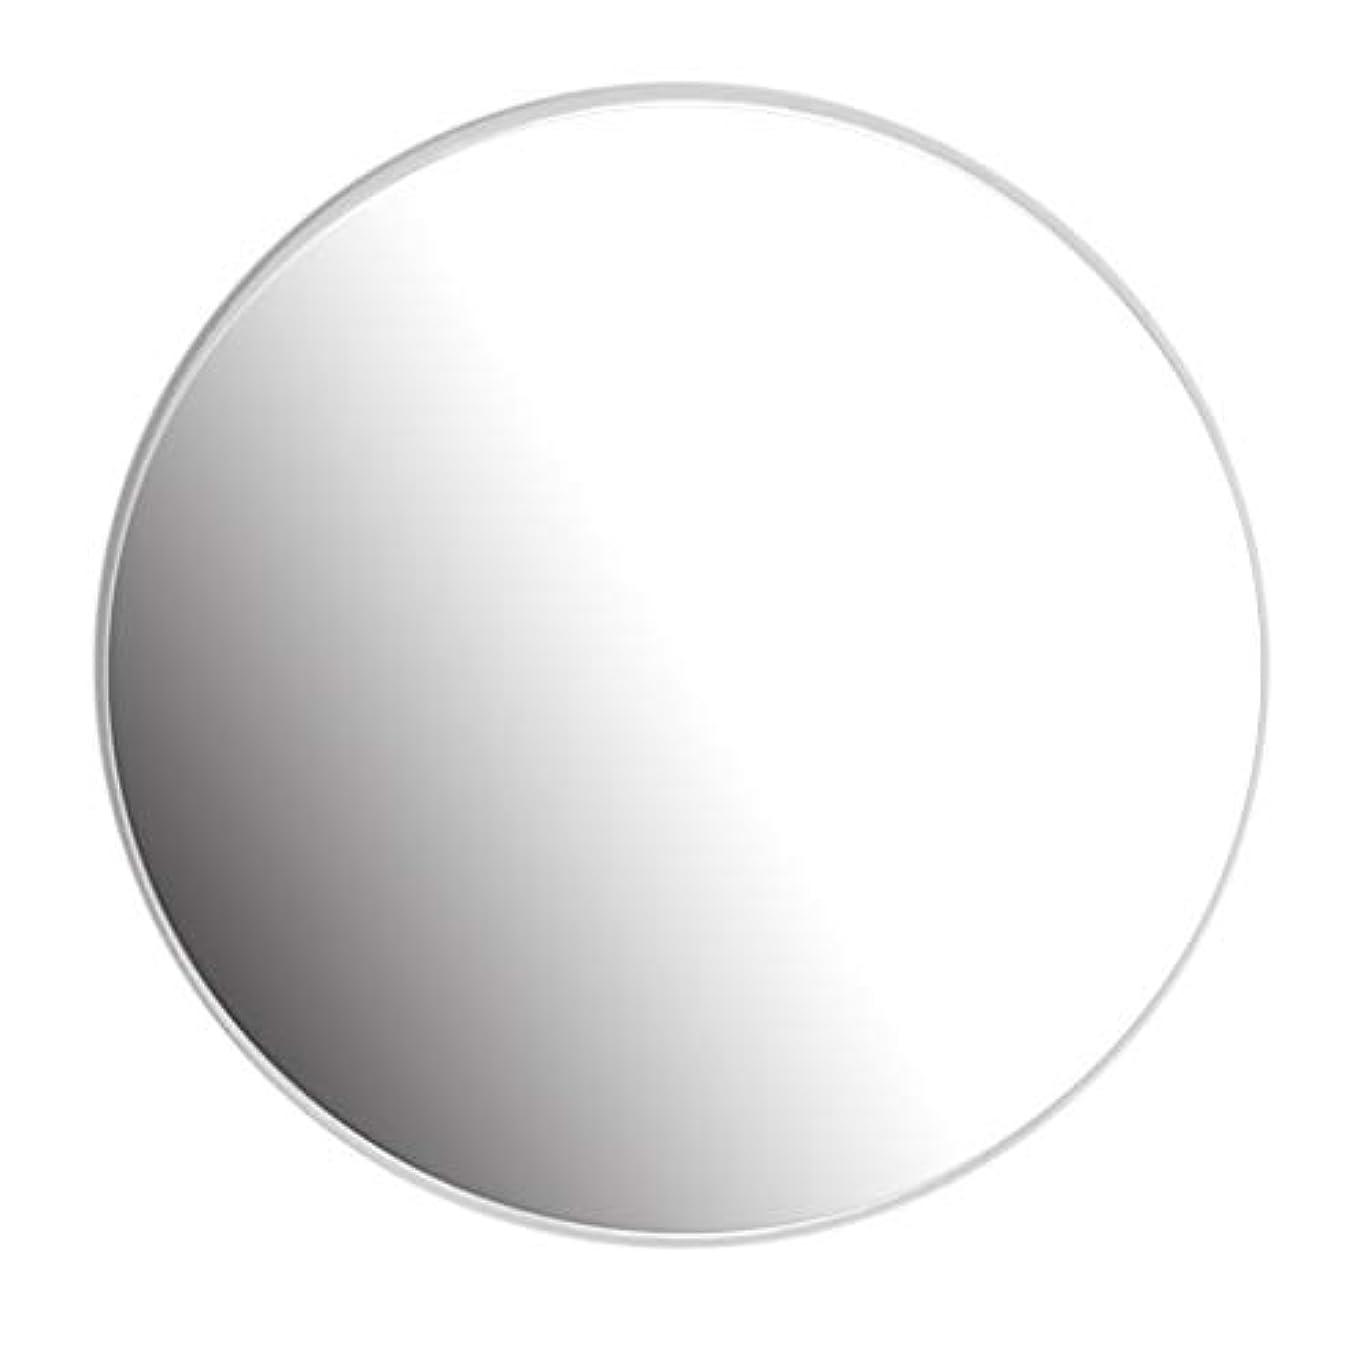 行商人公然と追う40-80CM円形ミラー–バスルーム、洗面所、リビングルームなどの円形ミラー、ホワイト